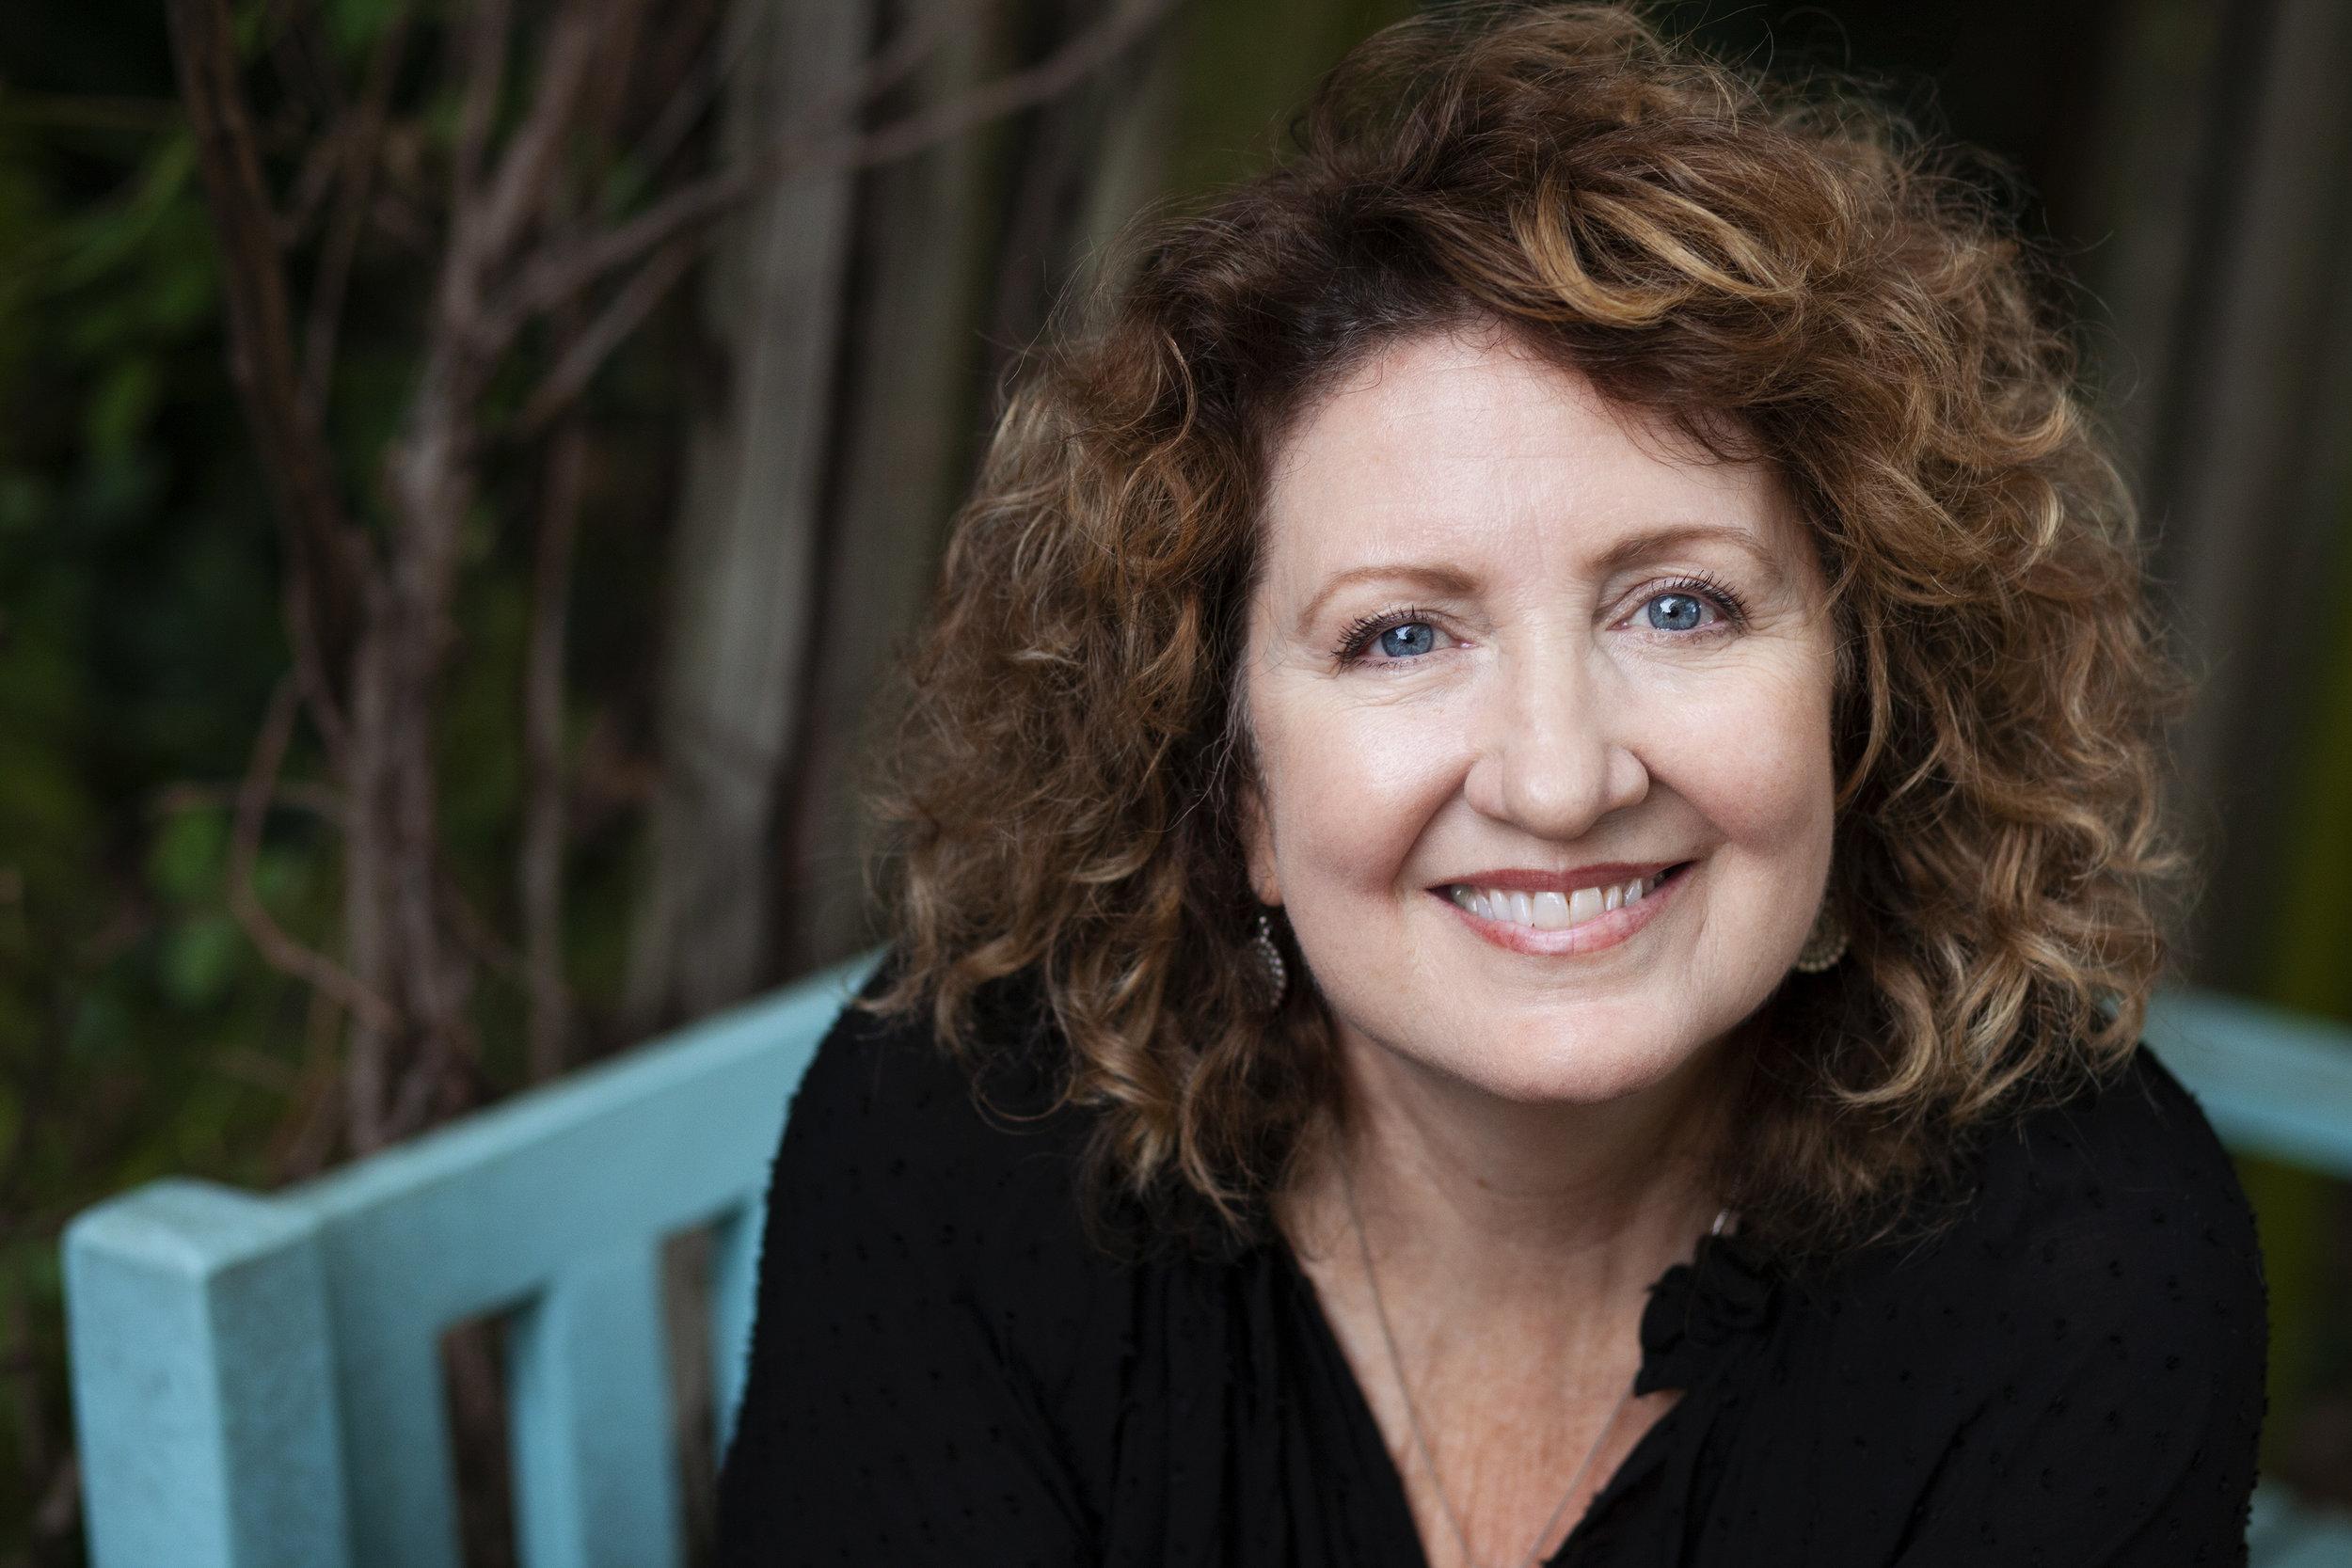 Mitzi Corrigan, CSA - Casting Director / Owner